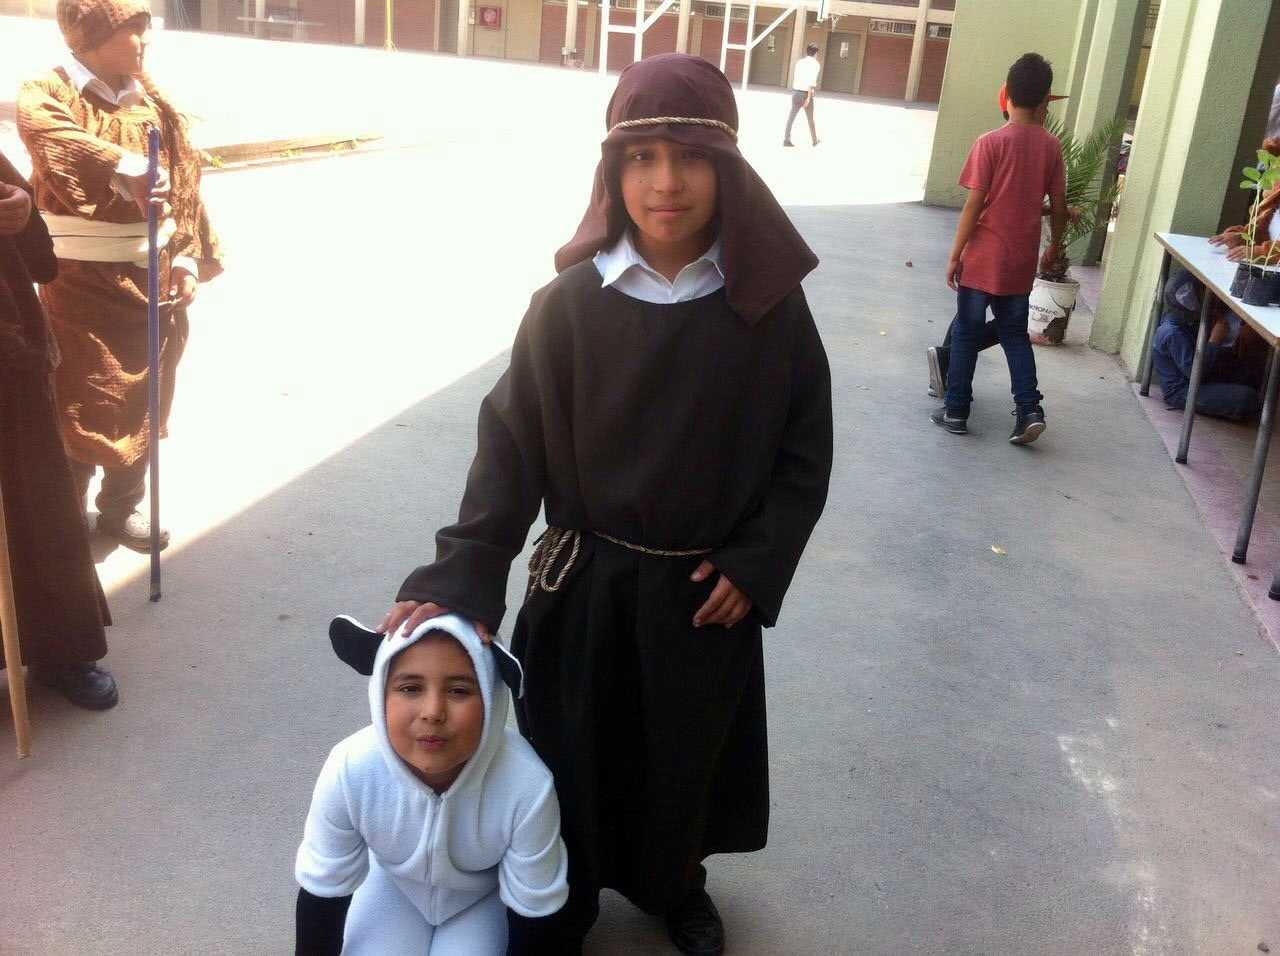 Luis, alumno de cuarto básico del colegio Nocedal, disfrazado de pastor. Su hermano representó a una oveja.